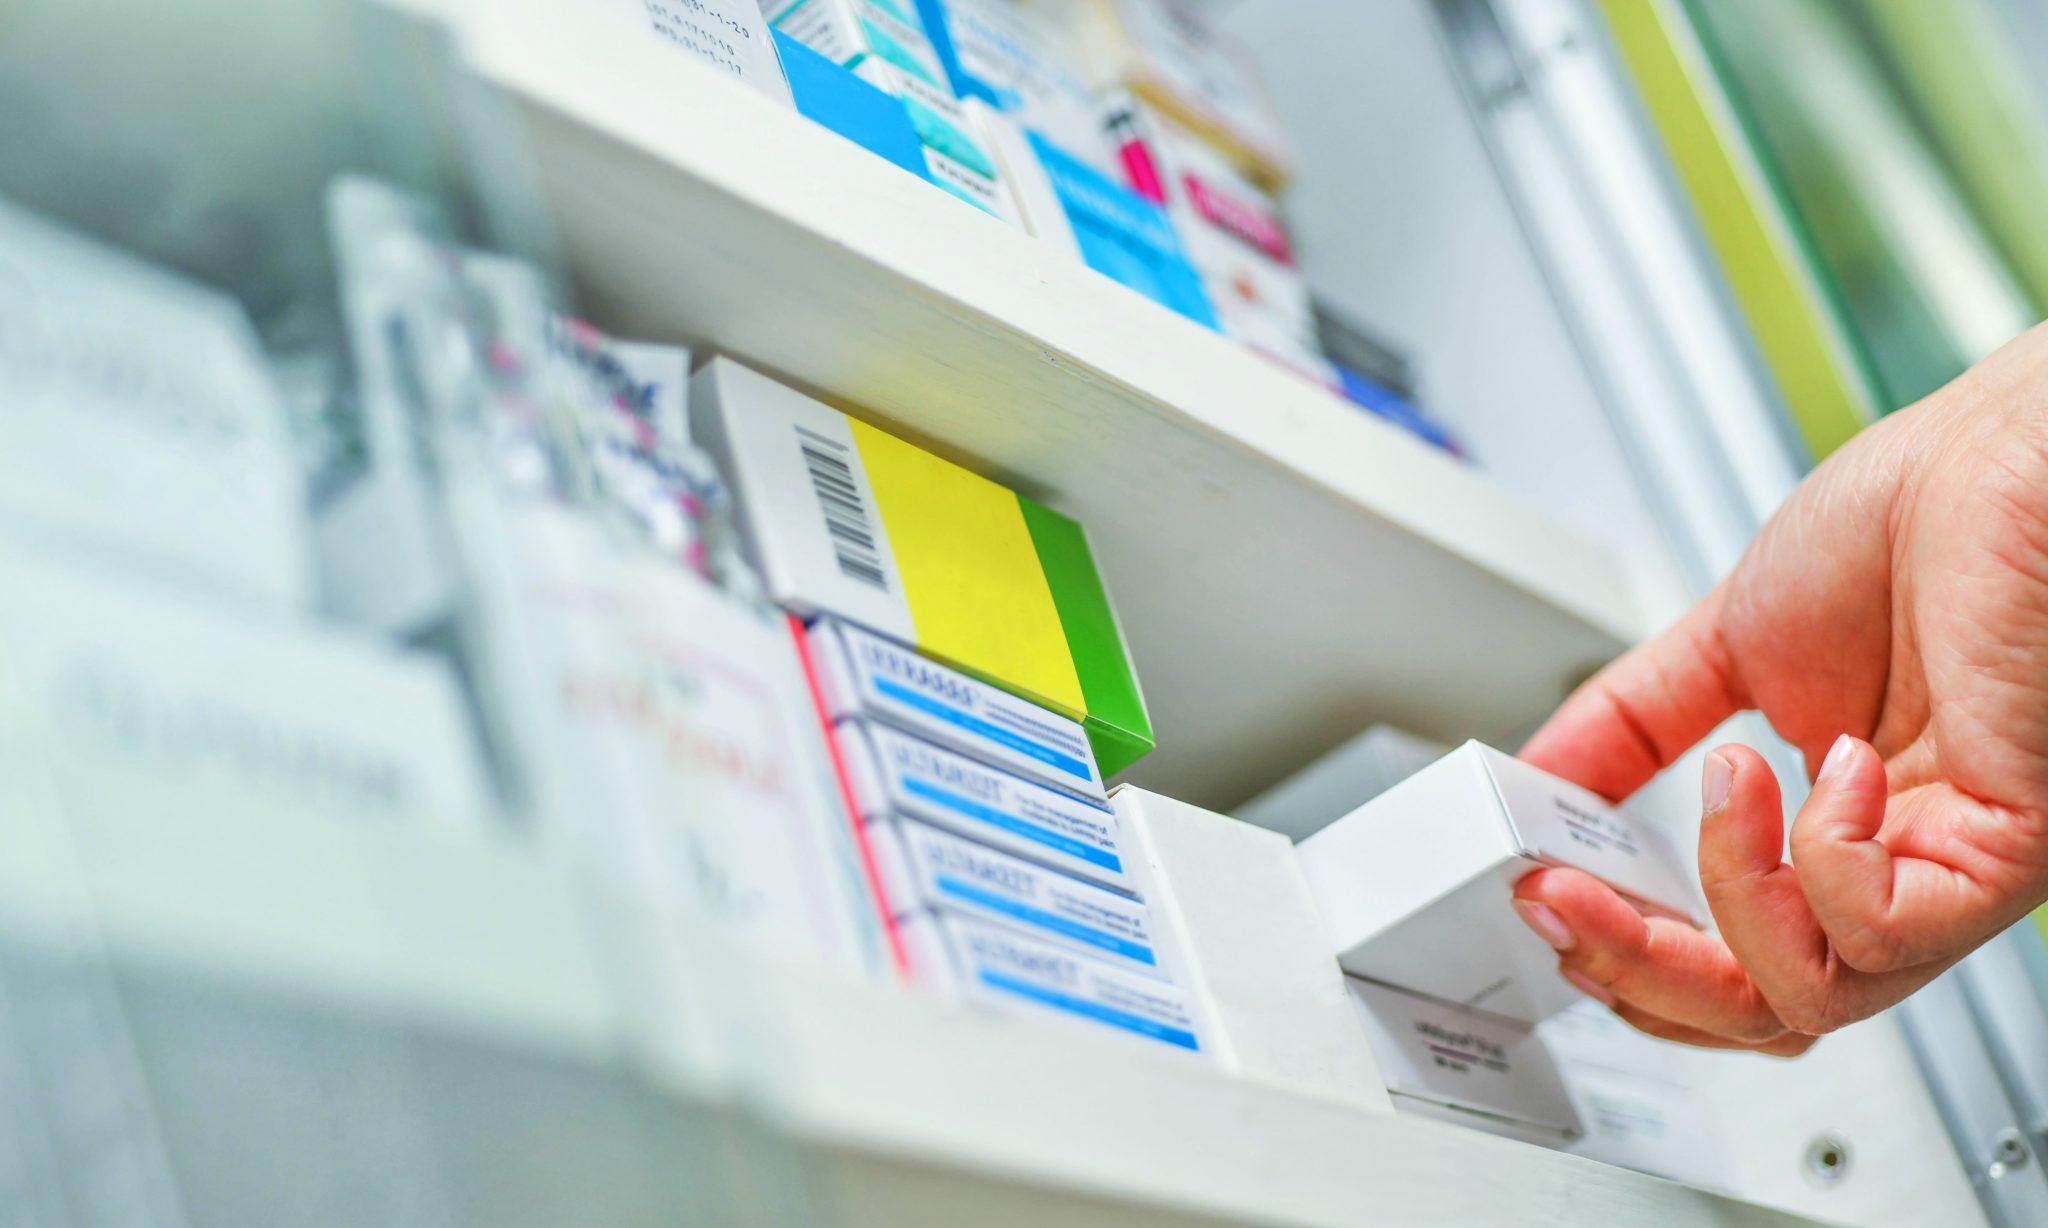 Curso para atendente de farmácia